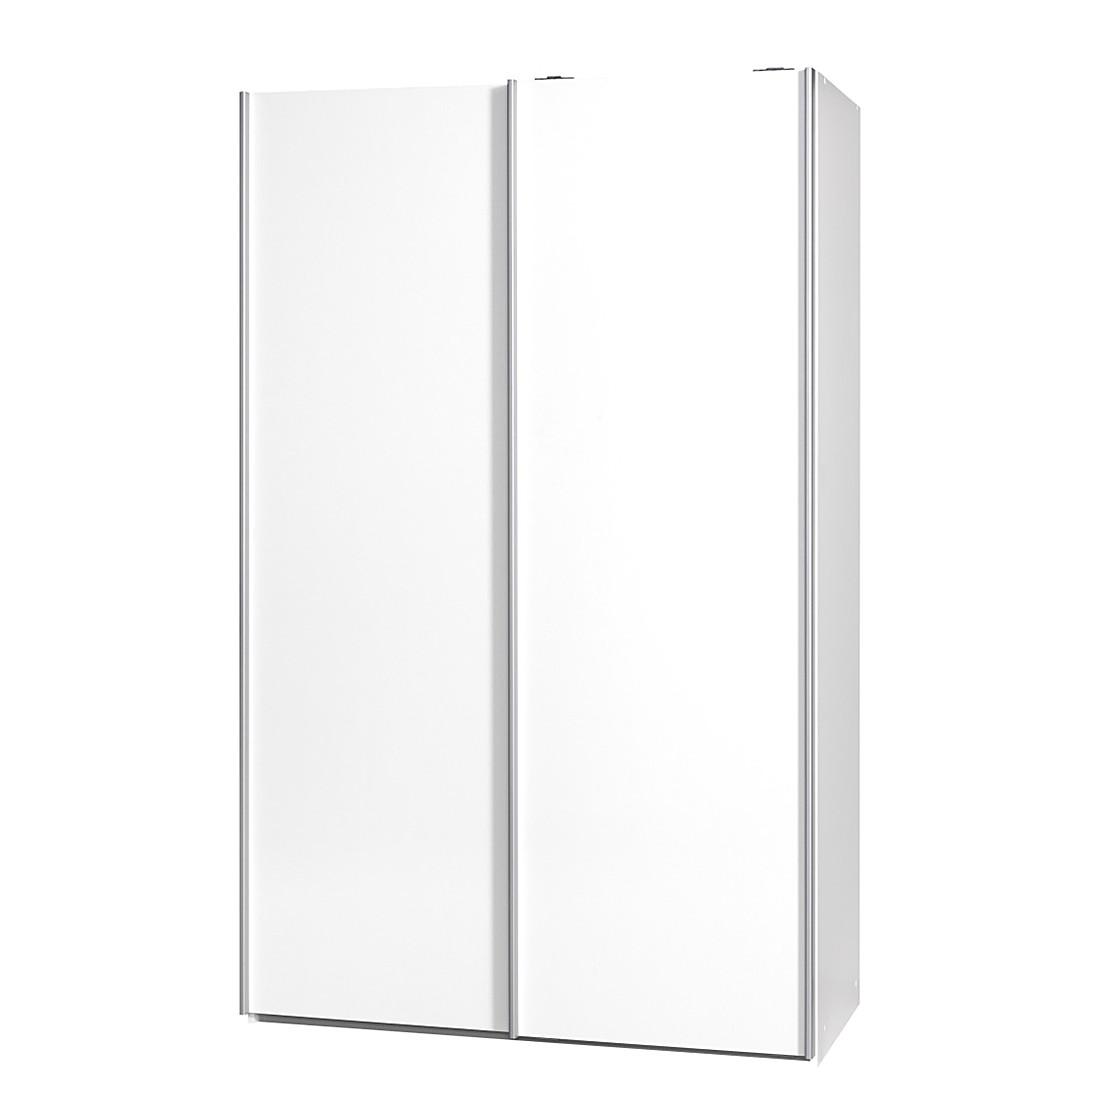 Armoire à portes coulissantes Soft Smart II - 120 cm (2 portes) - Blanc - Blanc, Cs Schmal